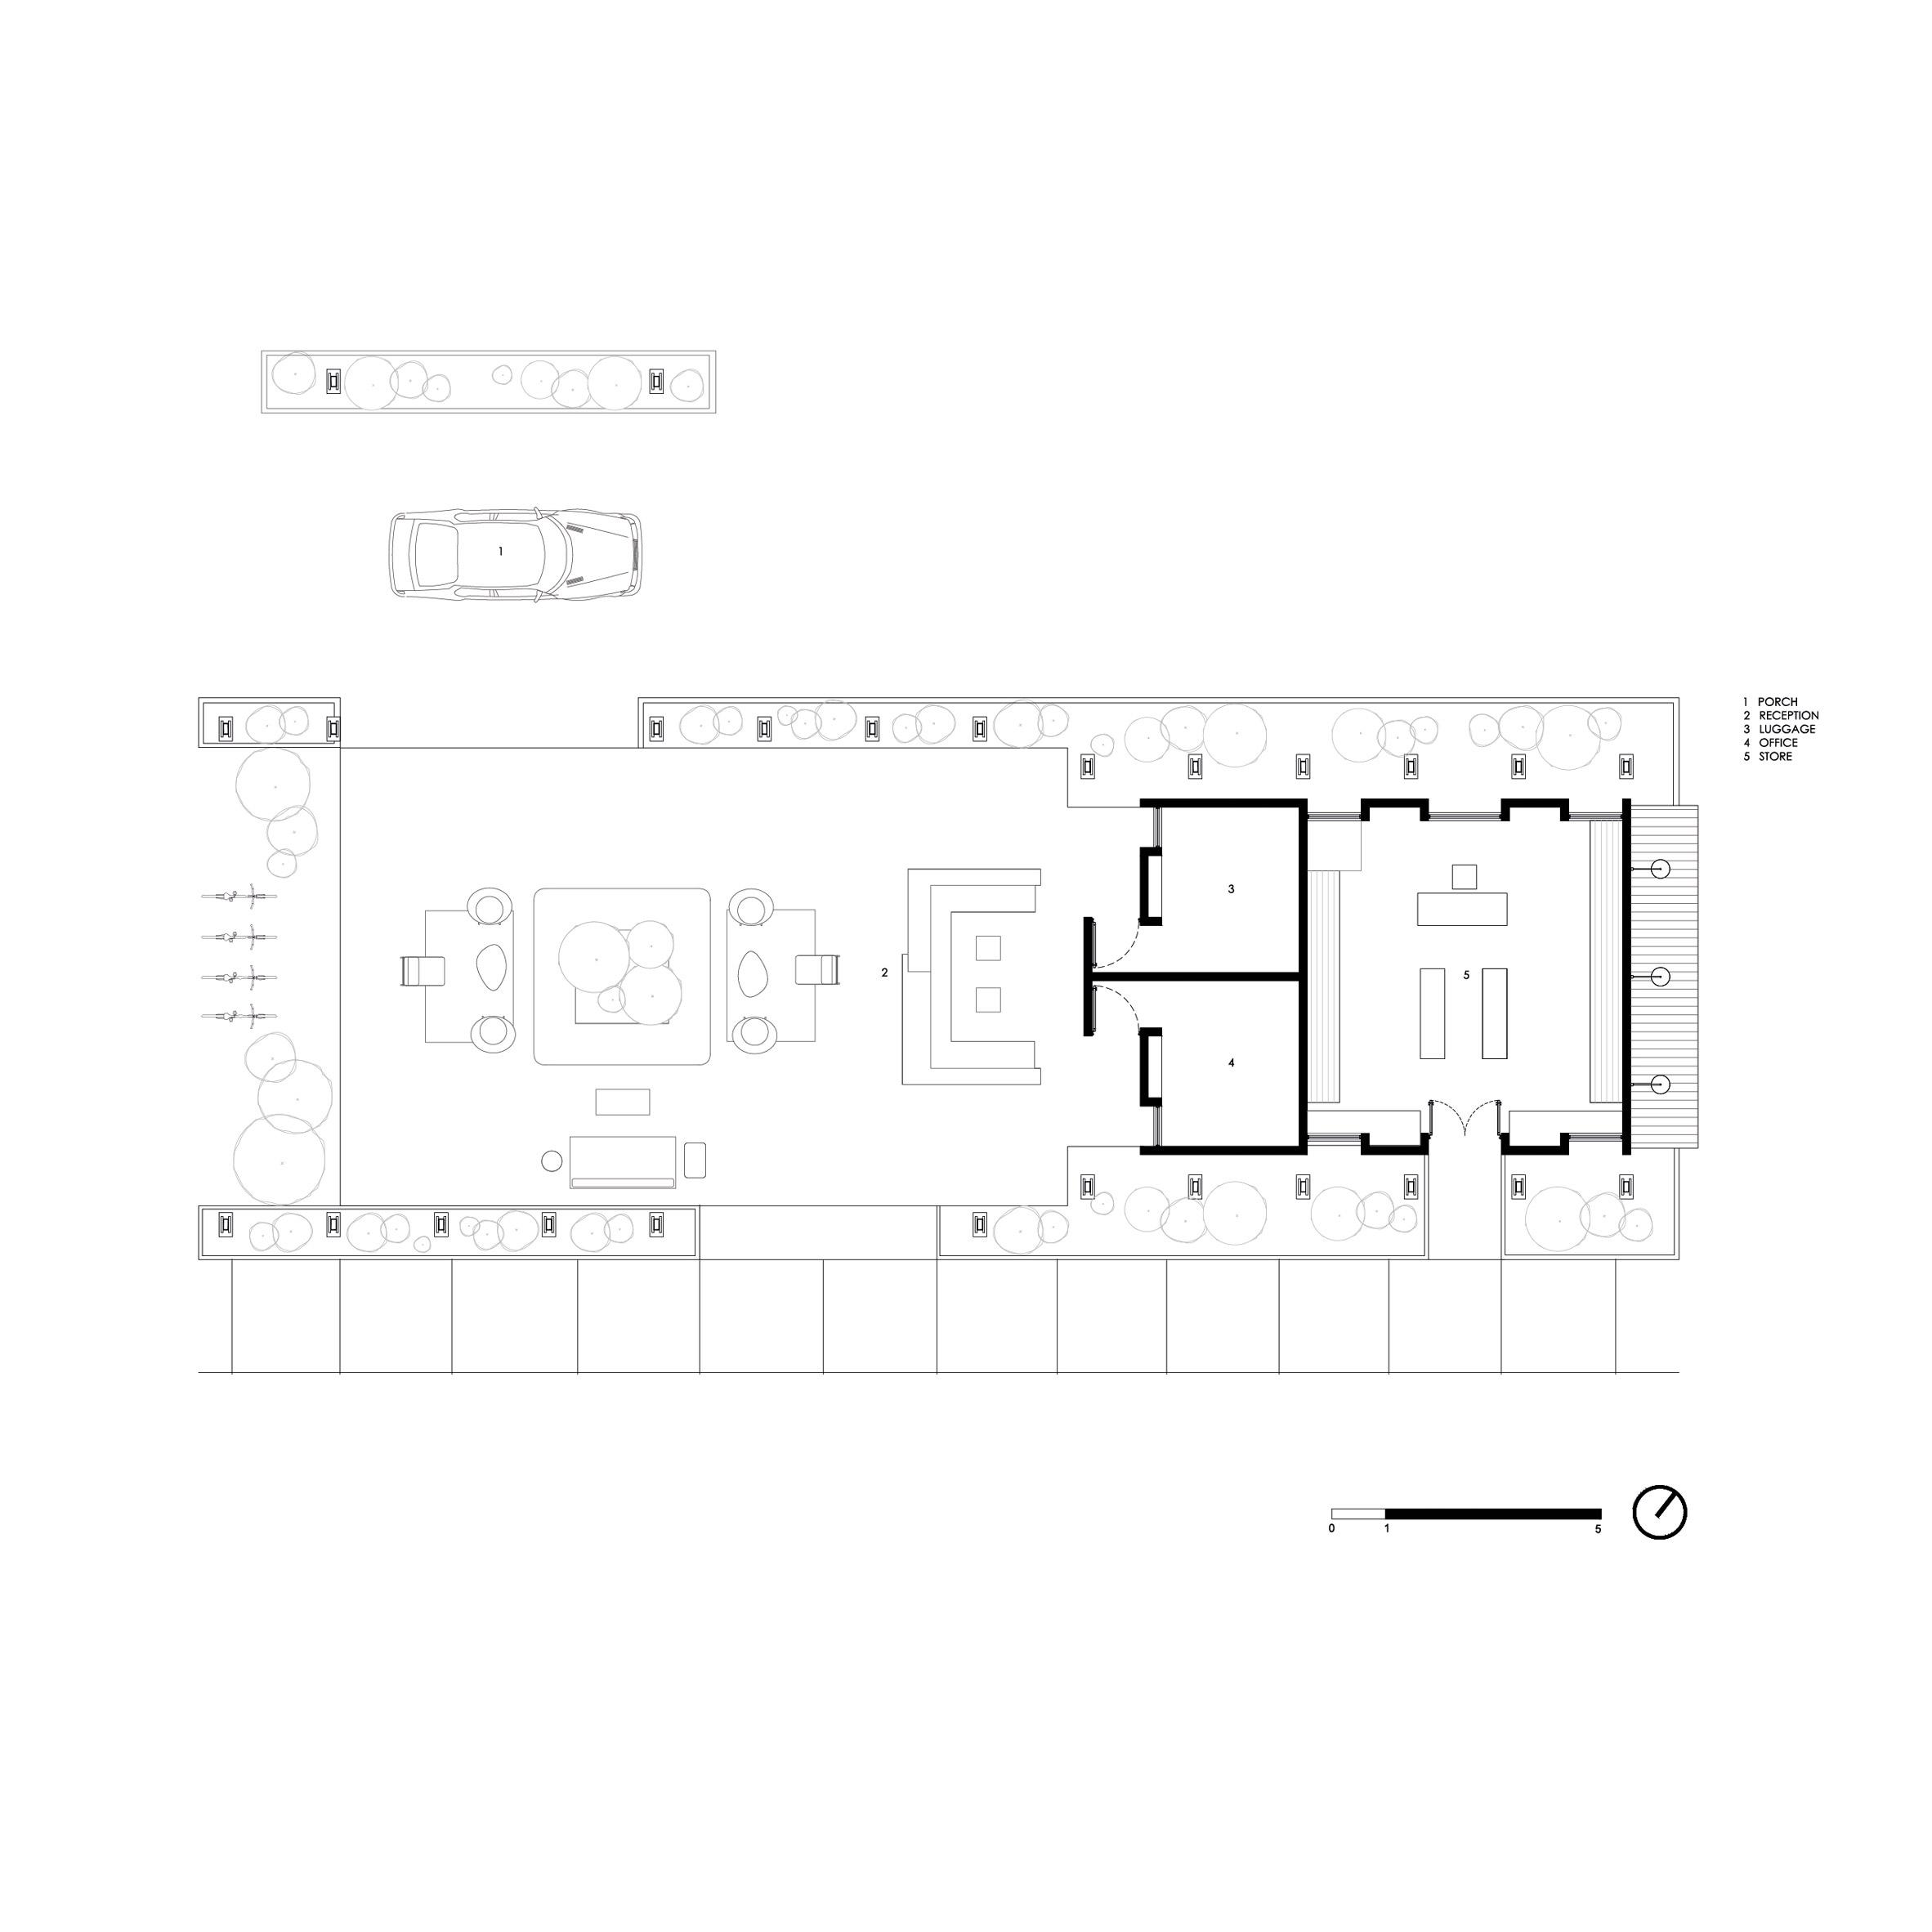 Thiết kế sân vườn Resort 9